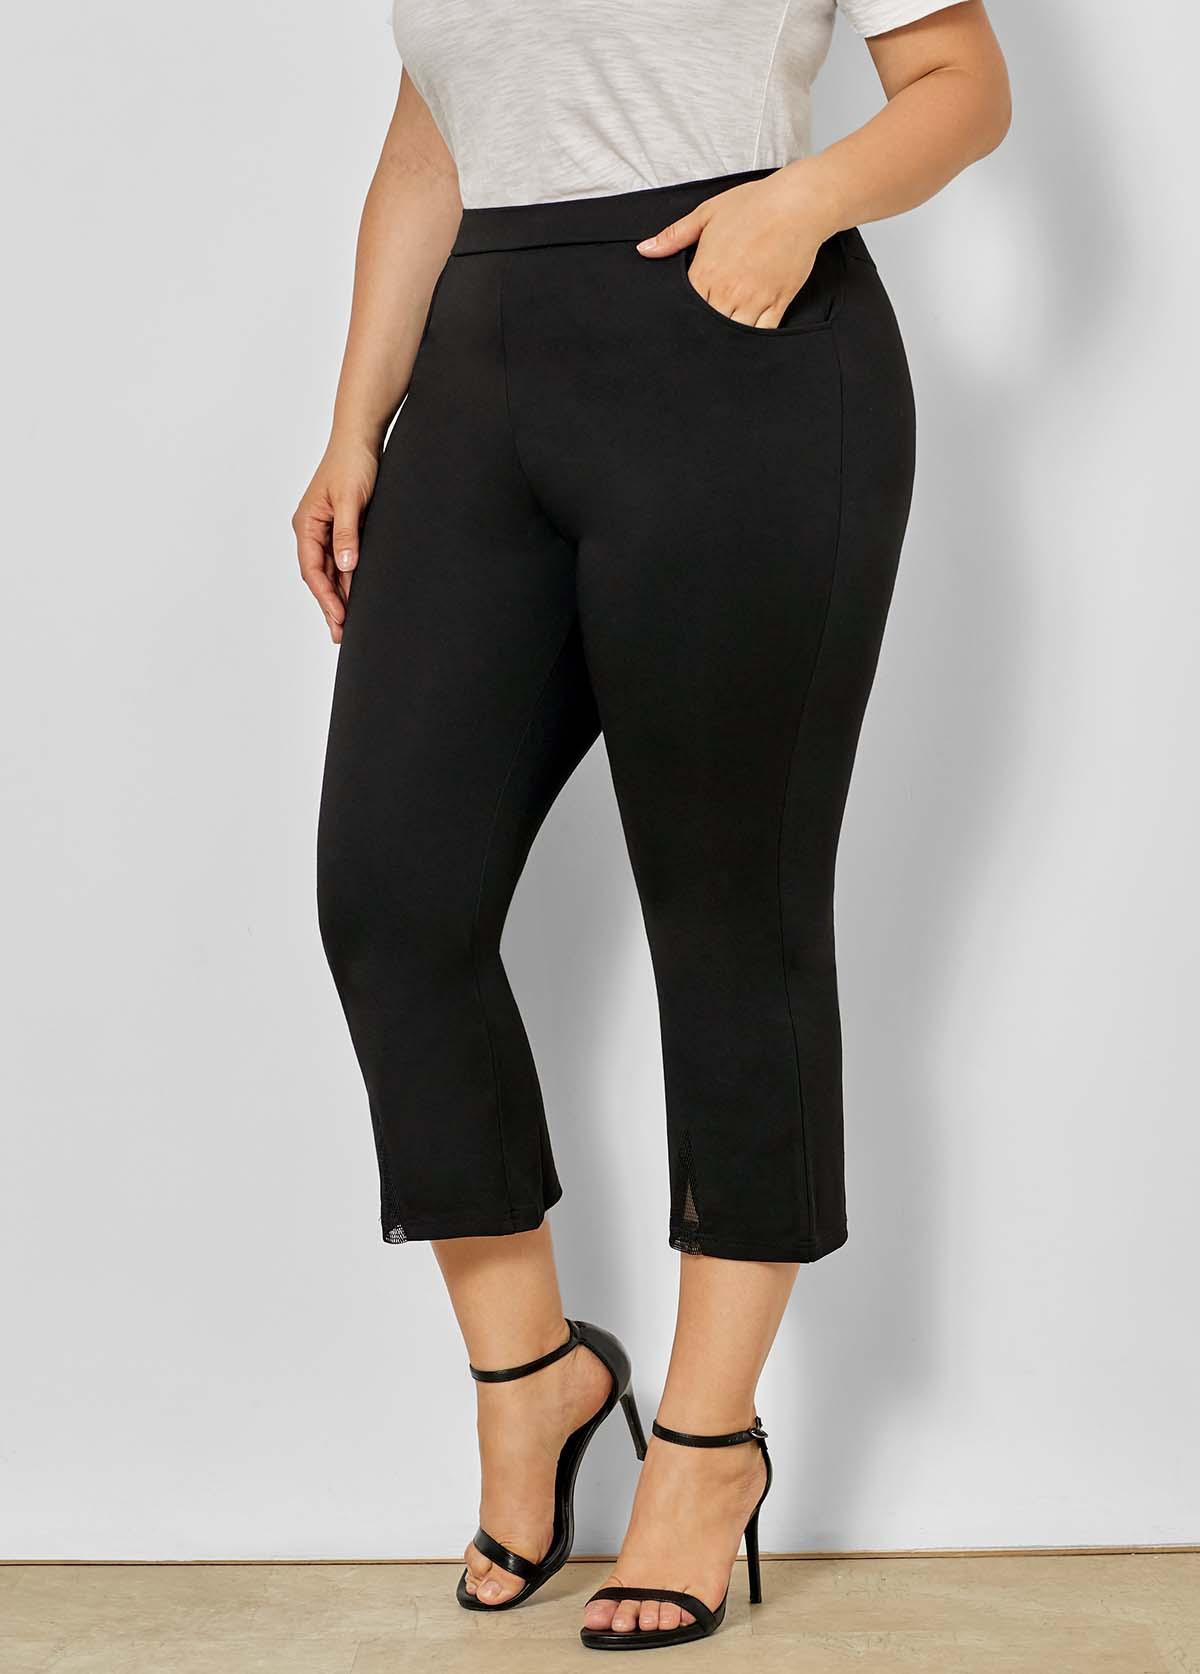 Mid Waist Plus Size Mesh Stitching Pants